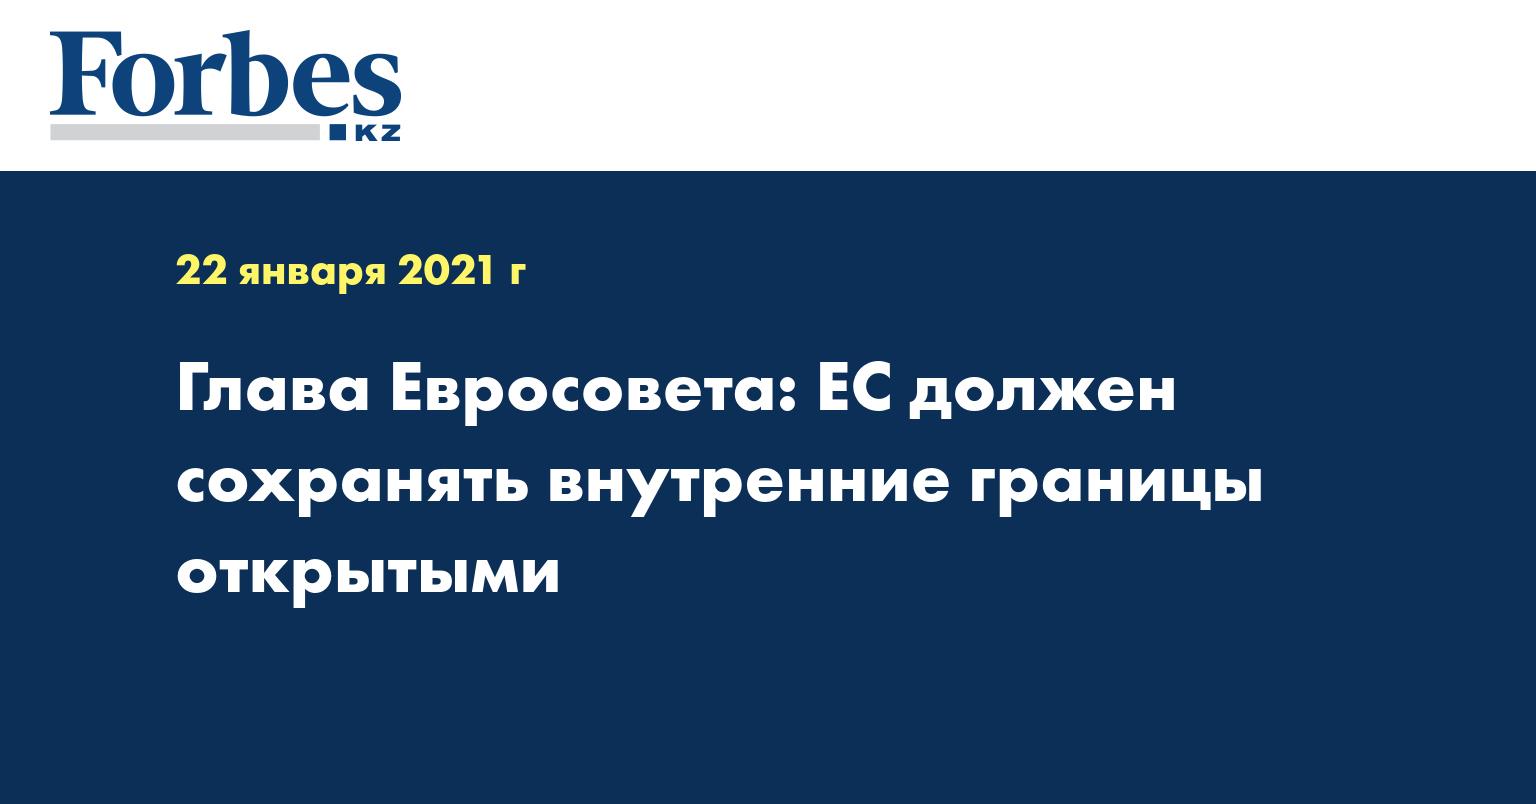 Глава Евросовета: ЕС должен сохранять внутренние границы открытыми